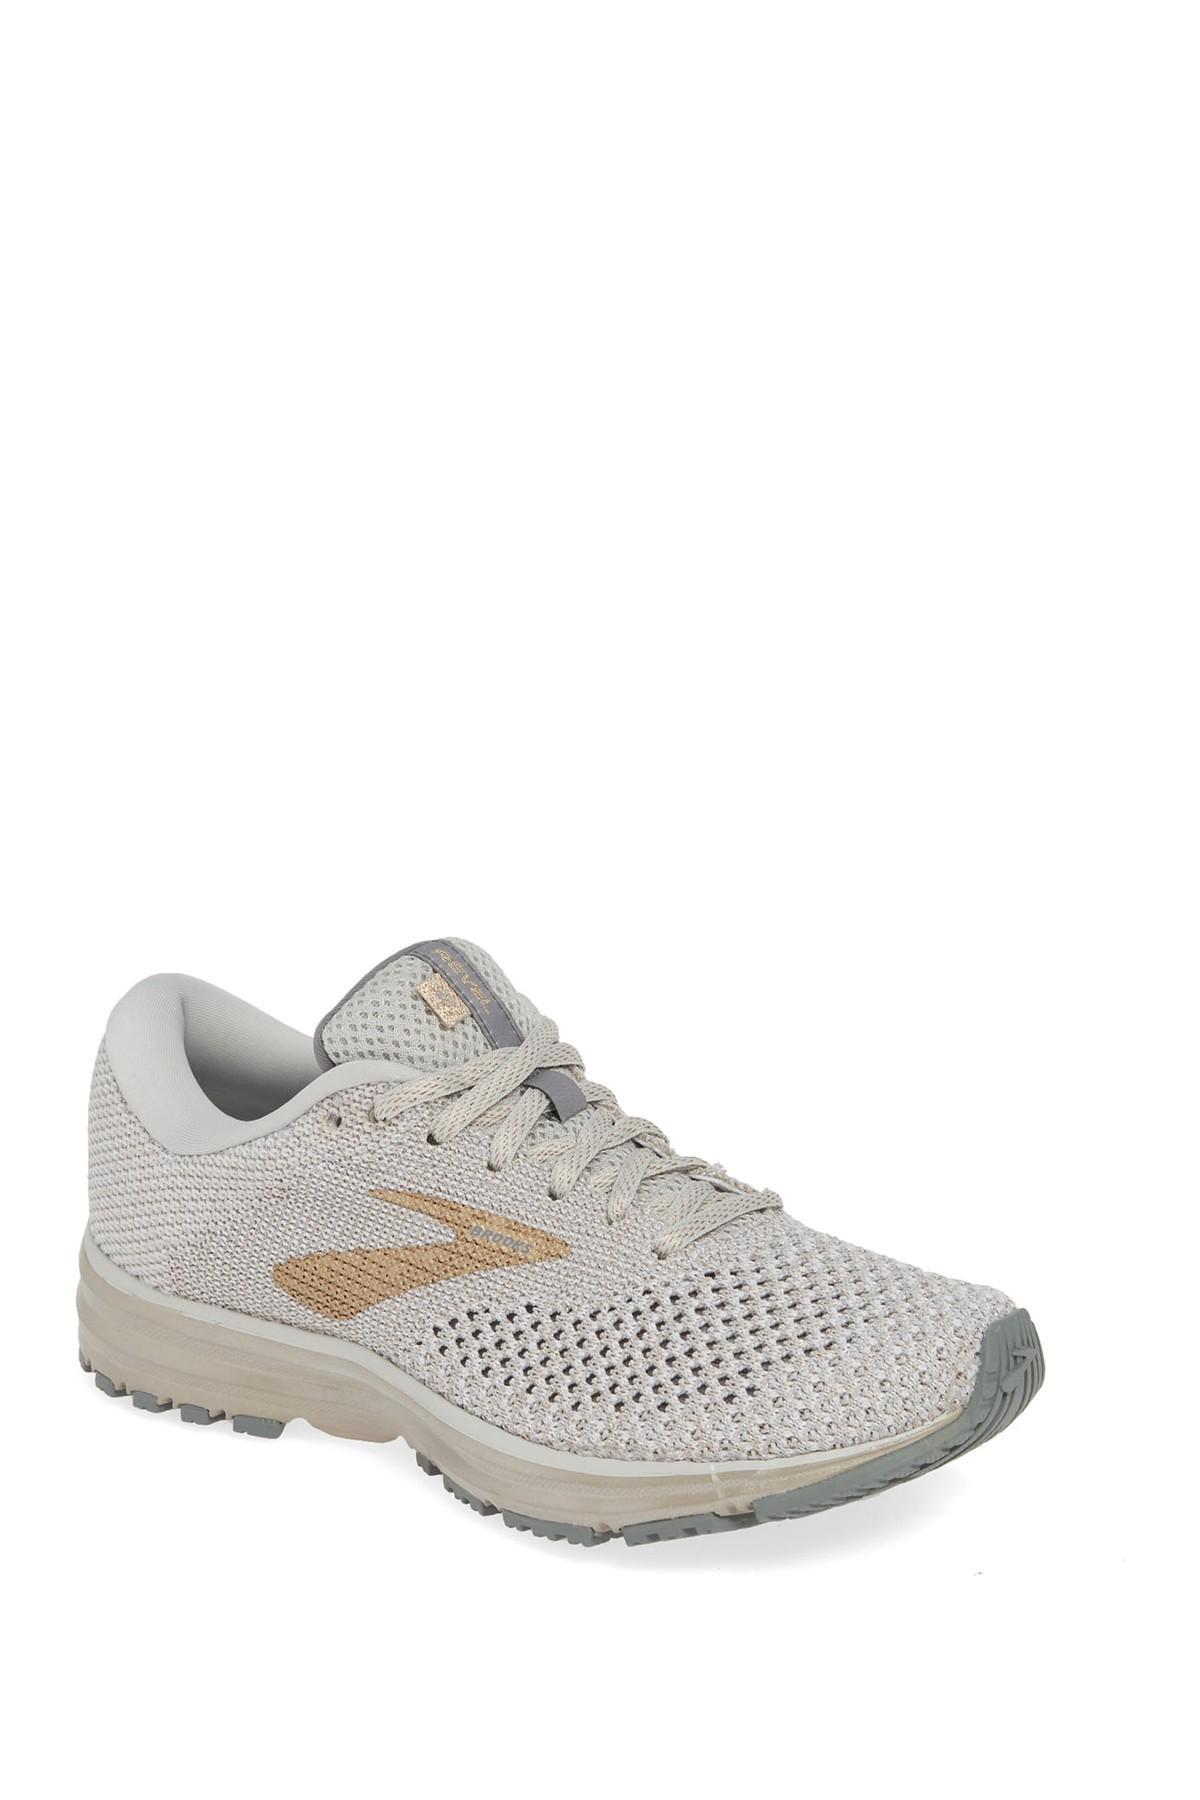 Brooks Revel 2 Running Sneaker in White